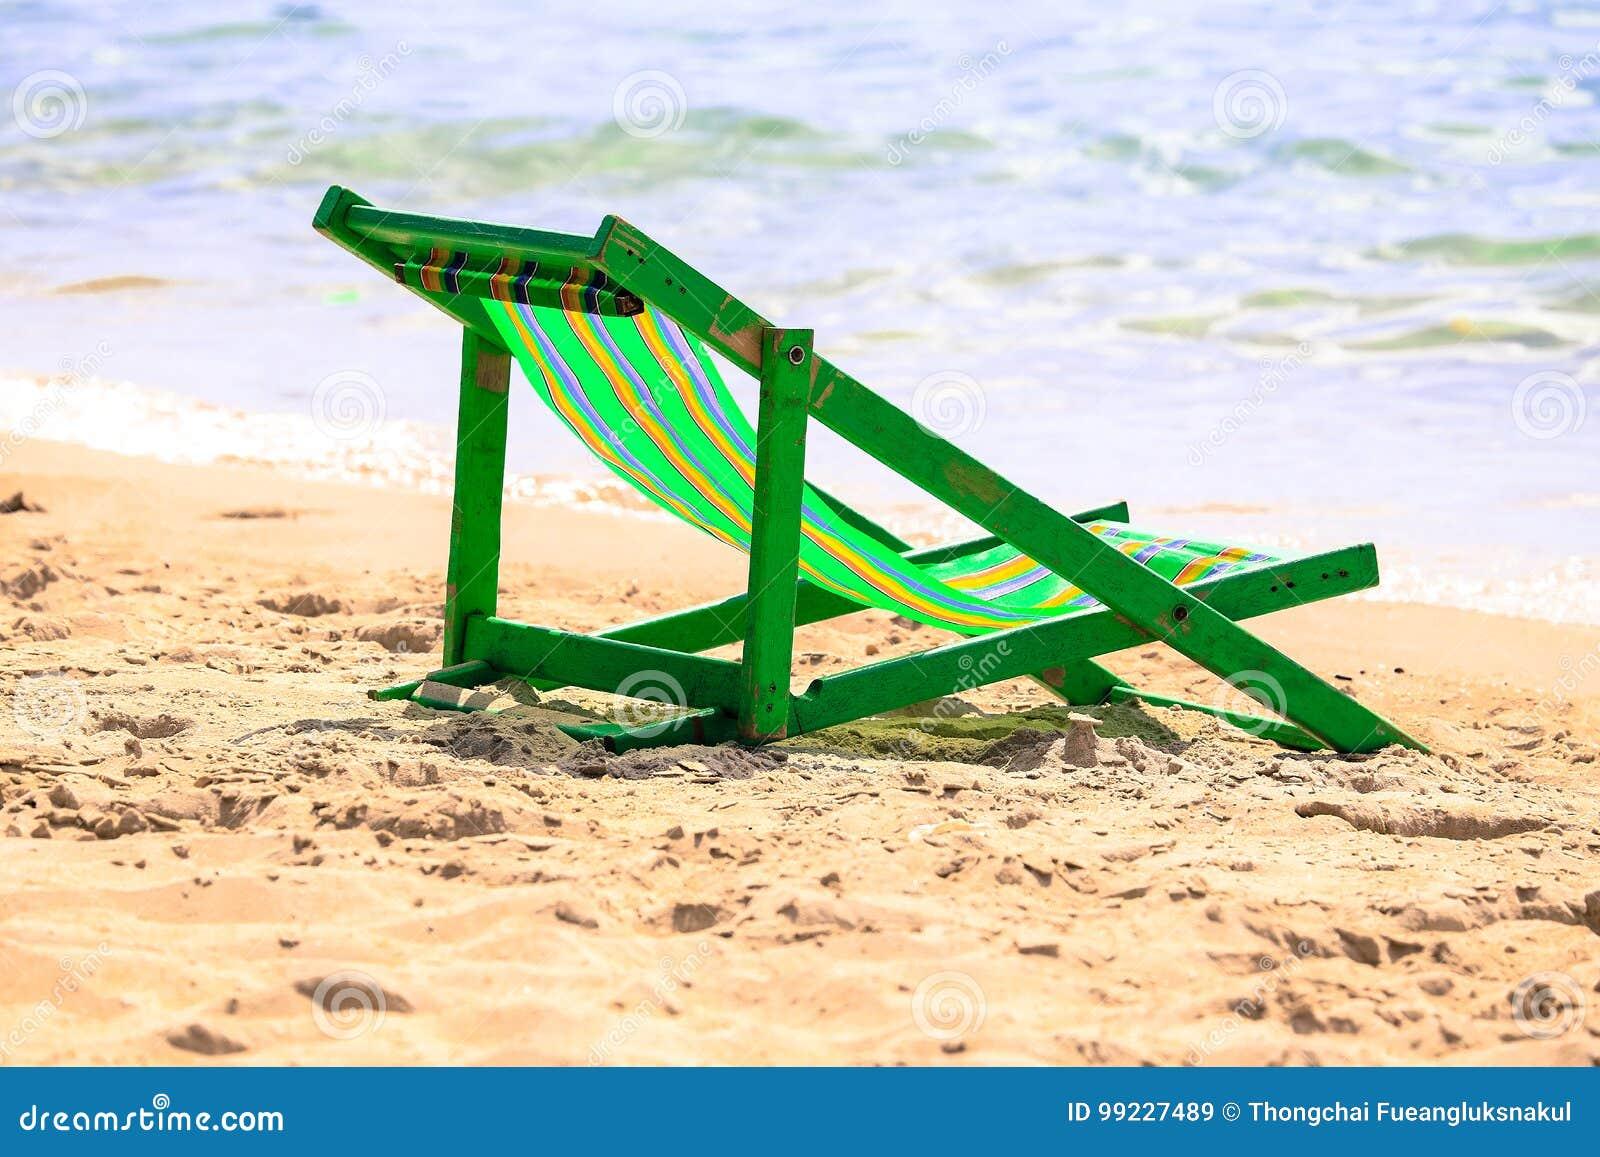 Zielony Plażowy trampoline przy morze plażą z piaskiem, jako natura